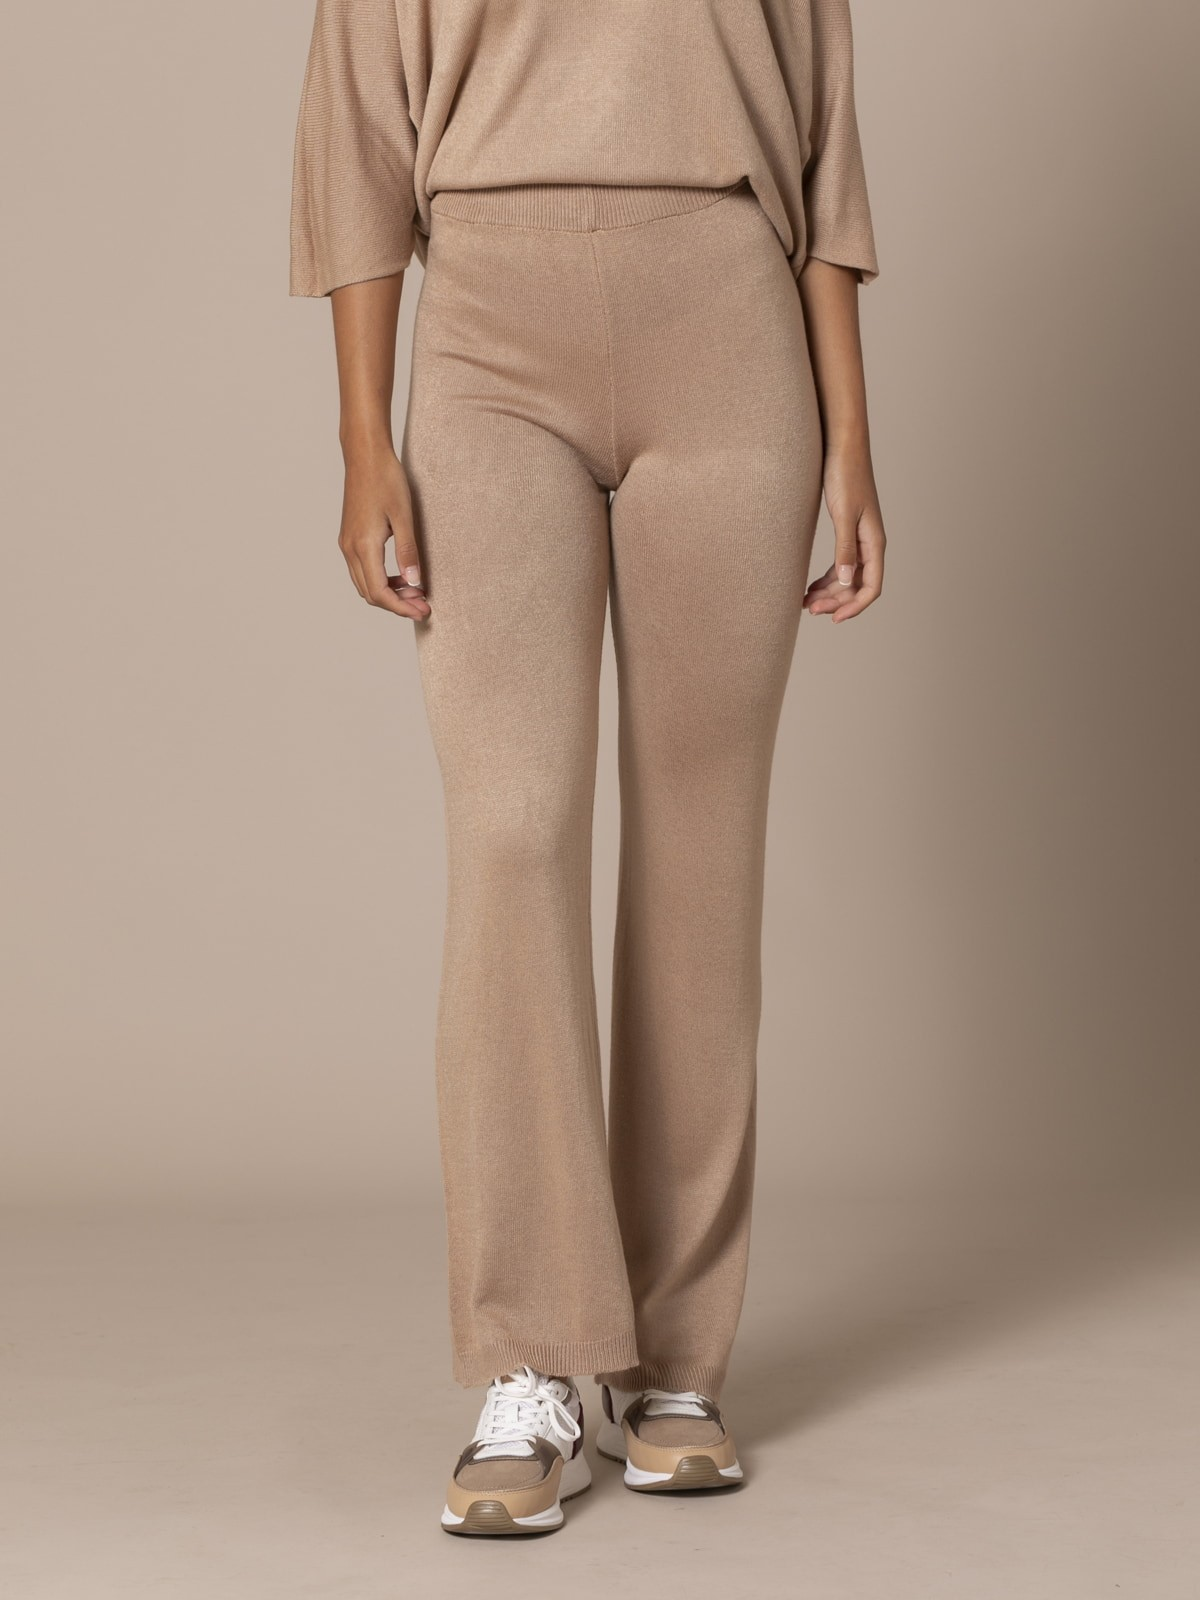 Pantalón mujer de punto Camel